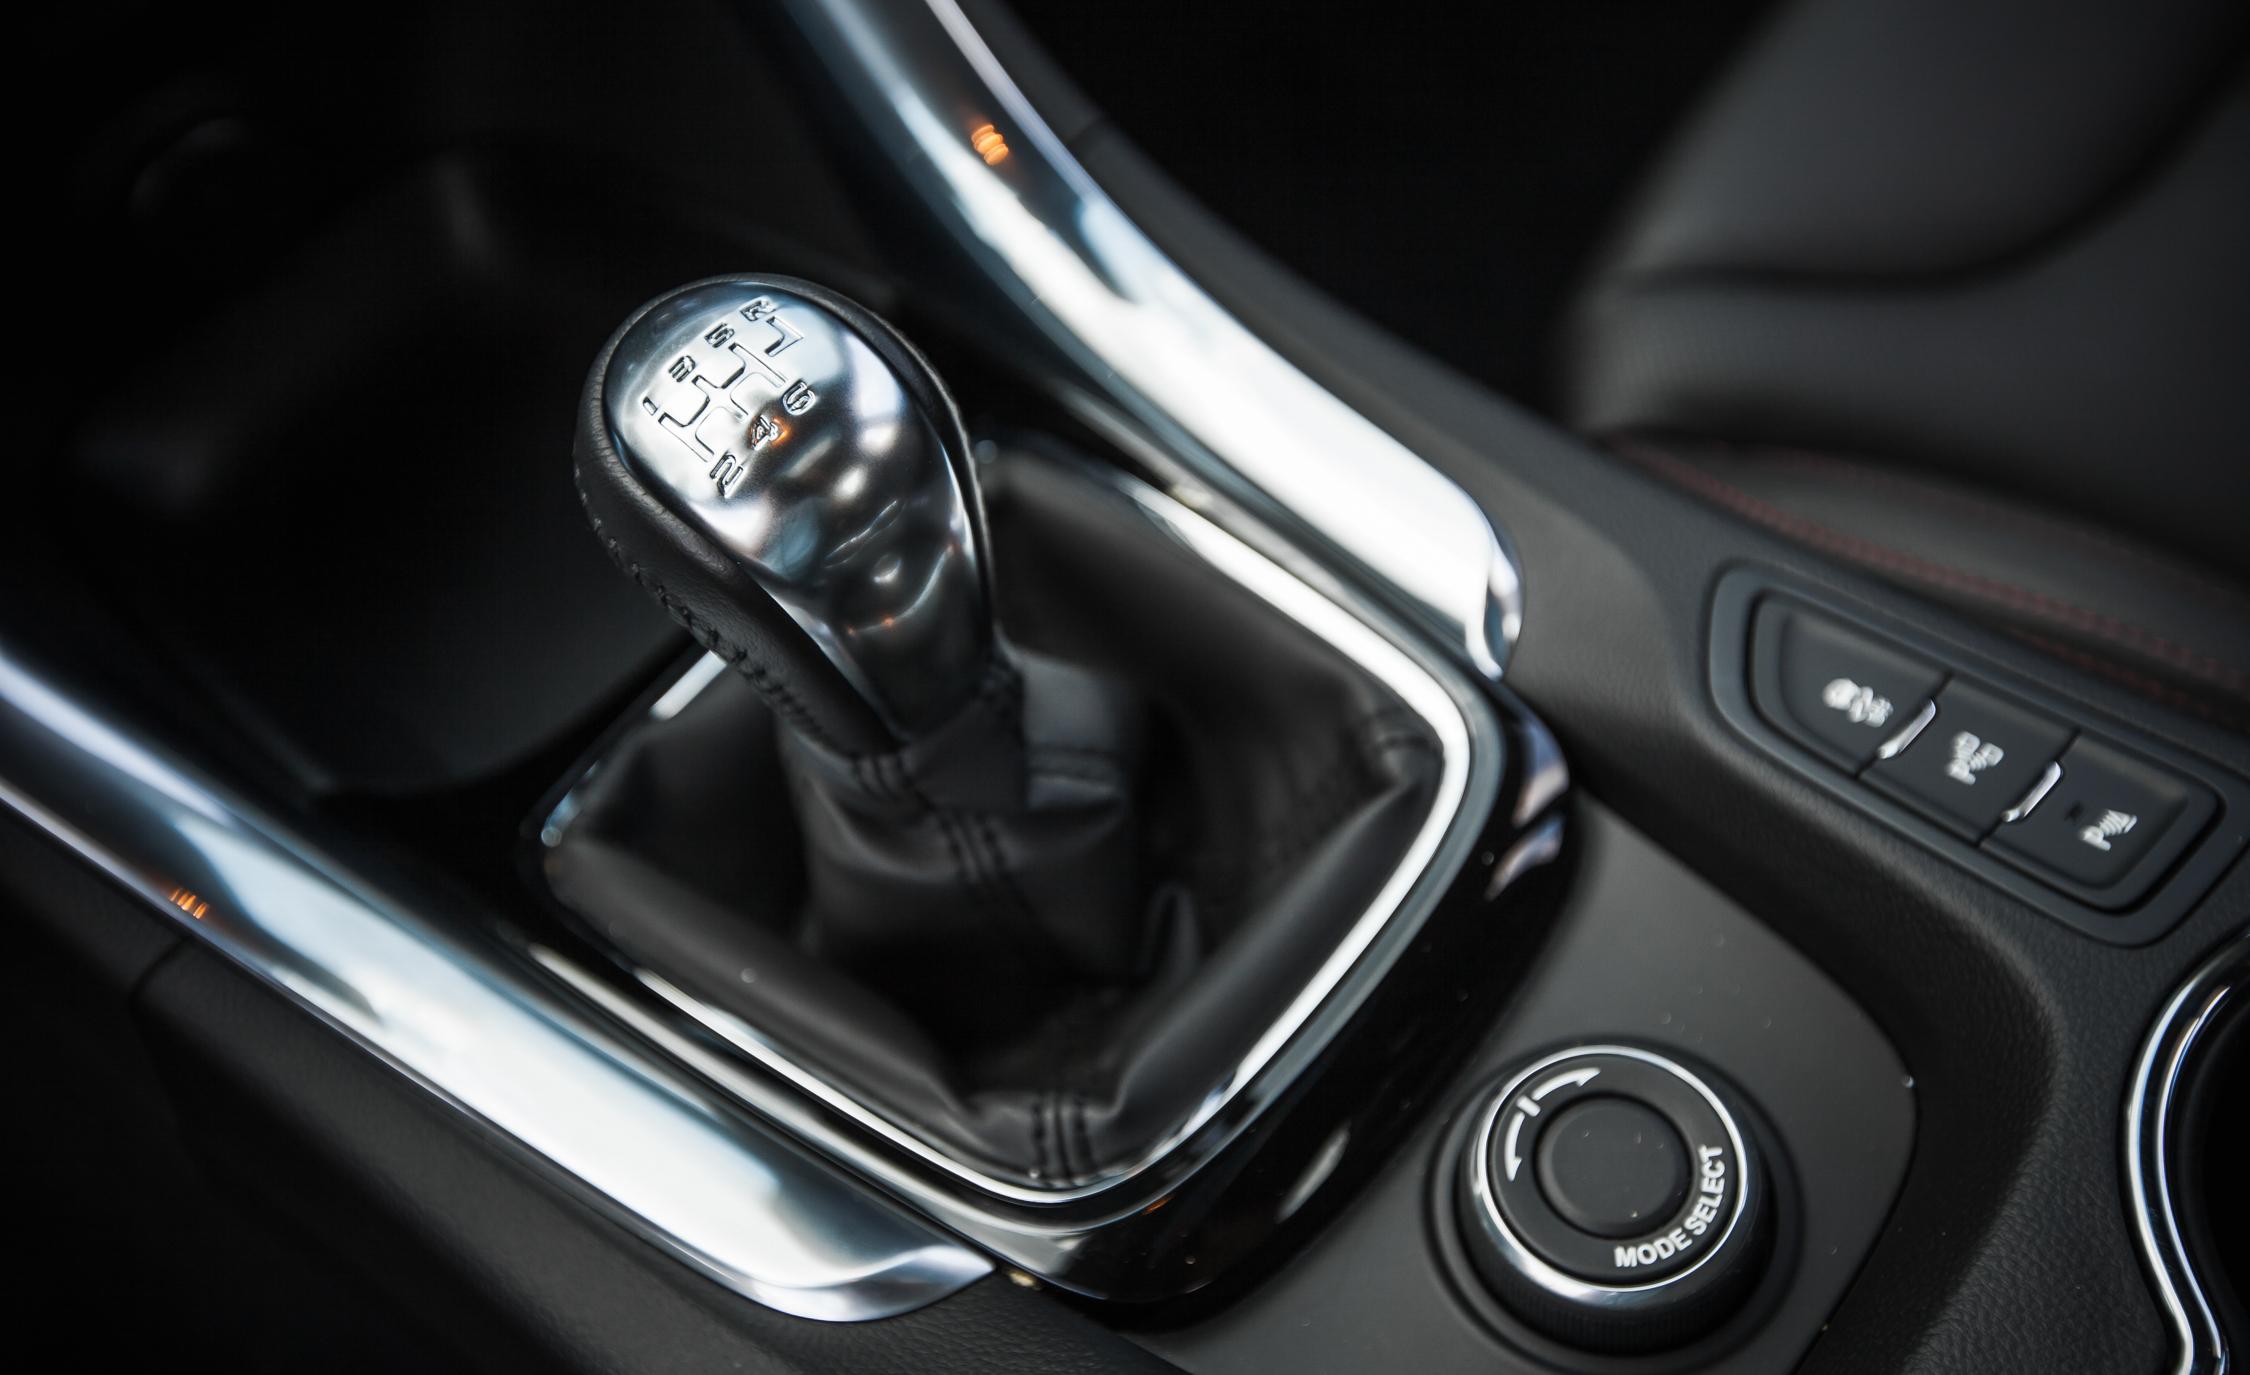 2015 Chevrolet SS Interior Gear Shift Knob